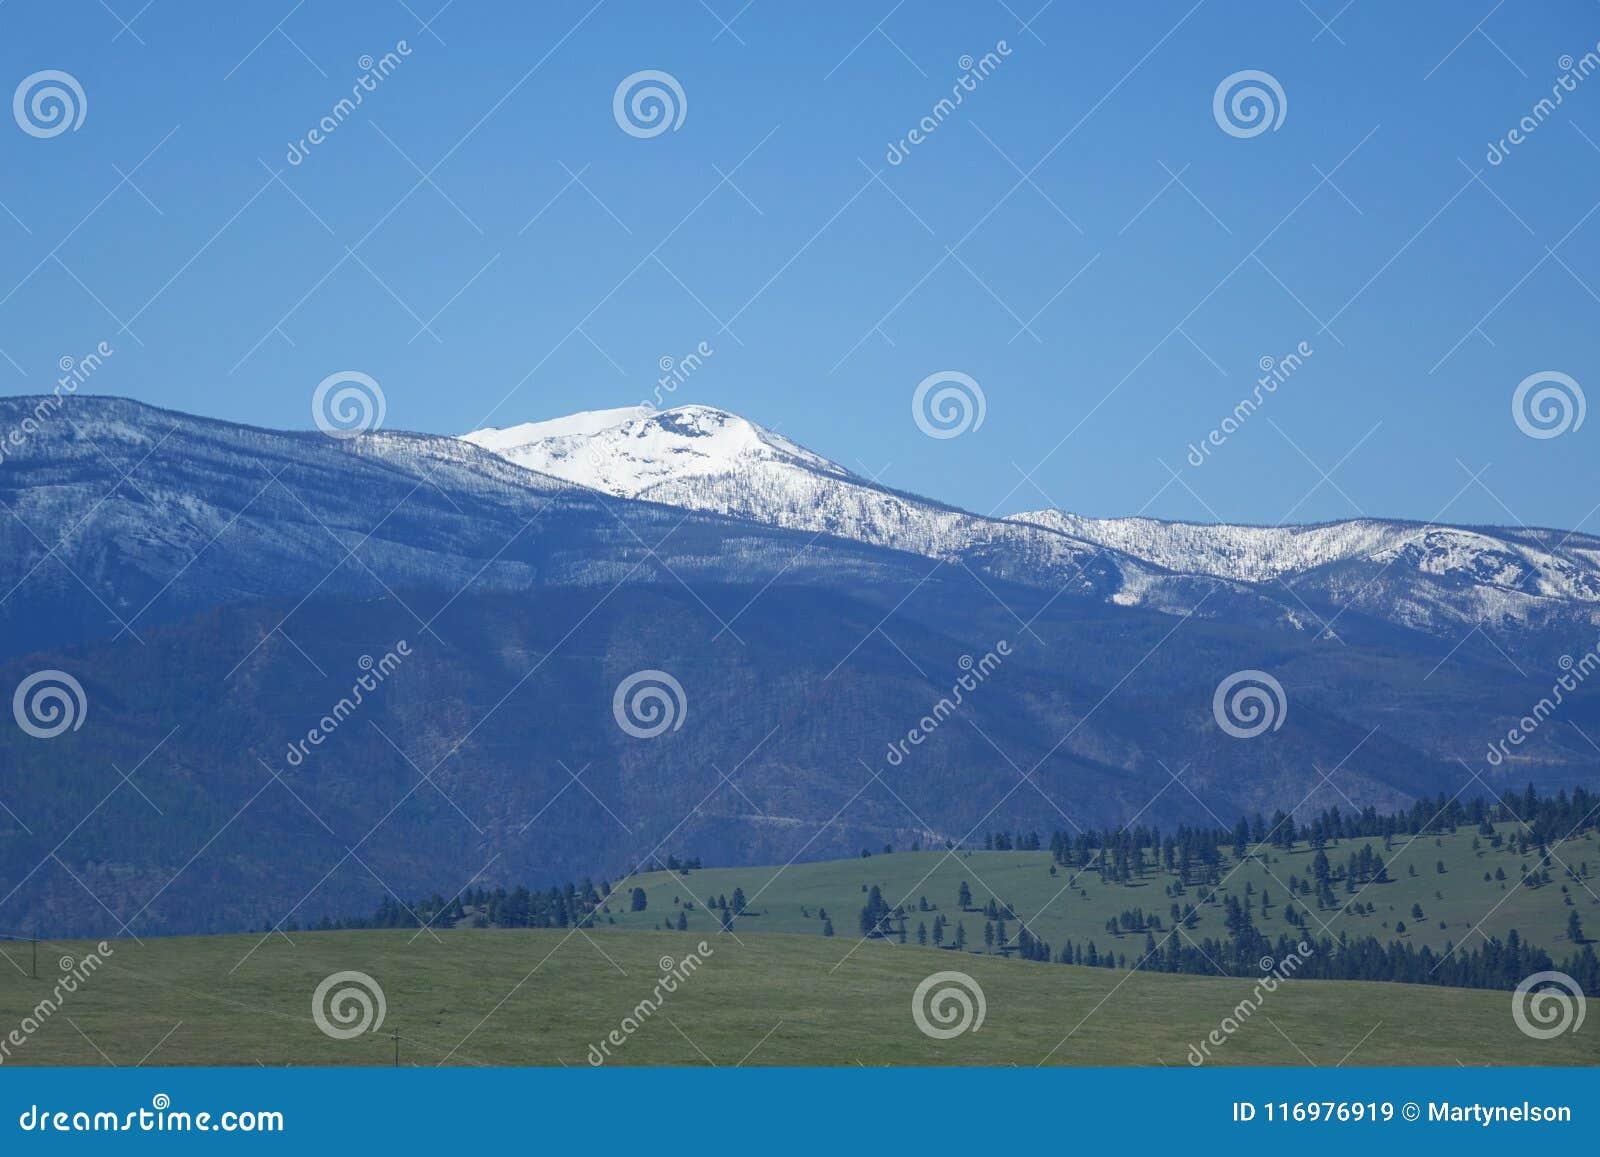 Montagnes et forêts - Missoula, Montana